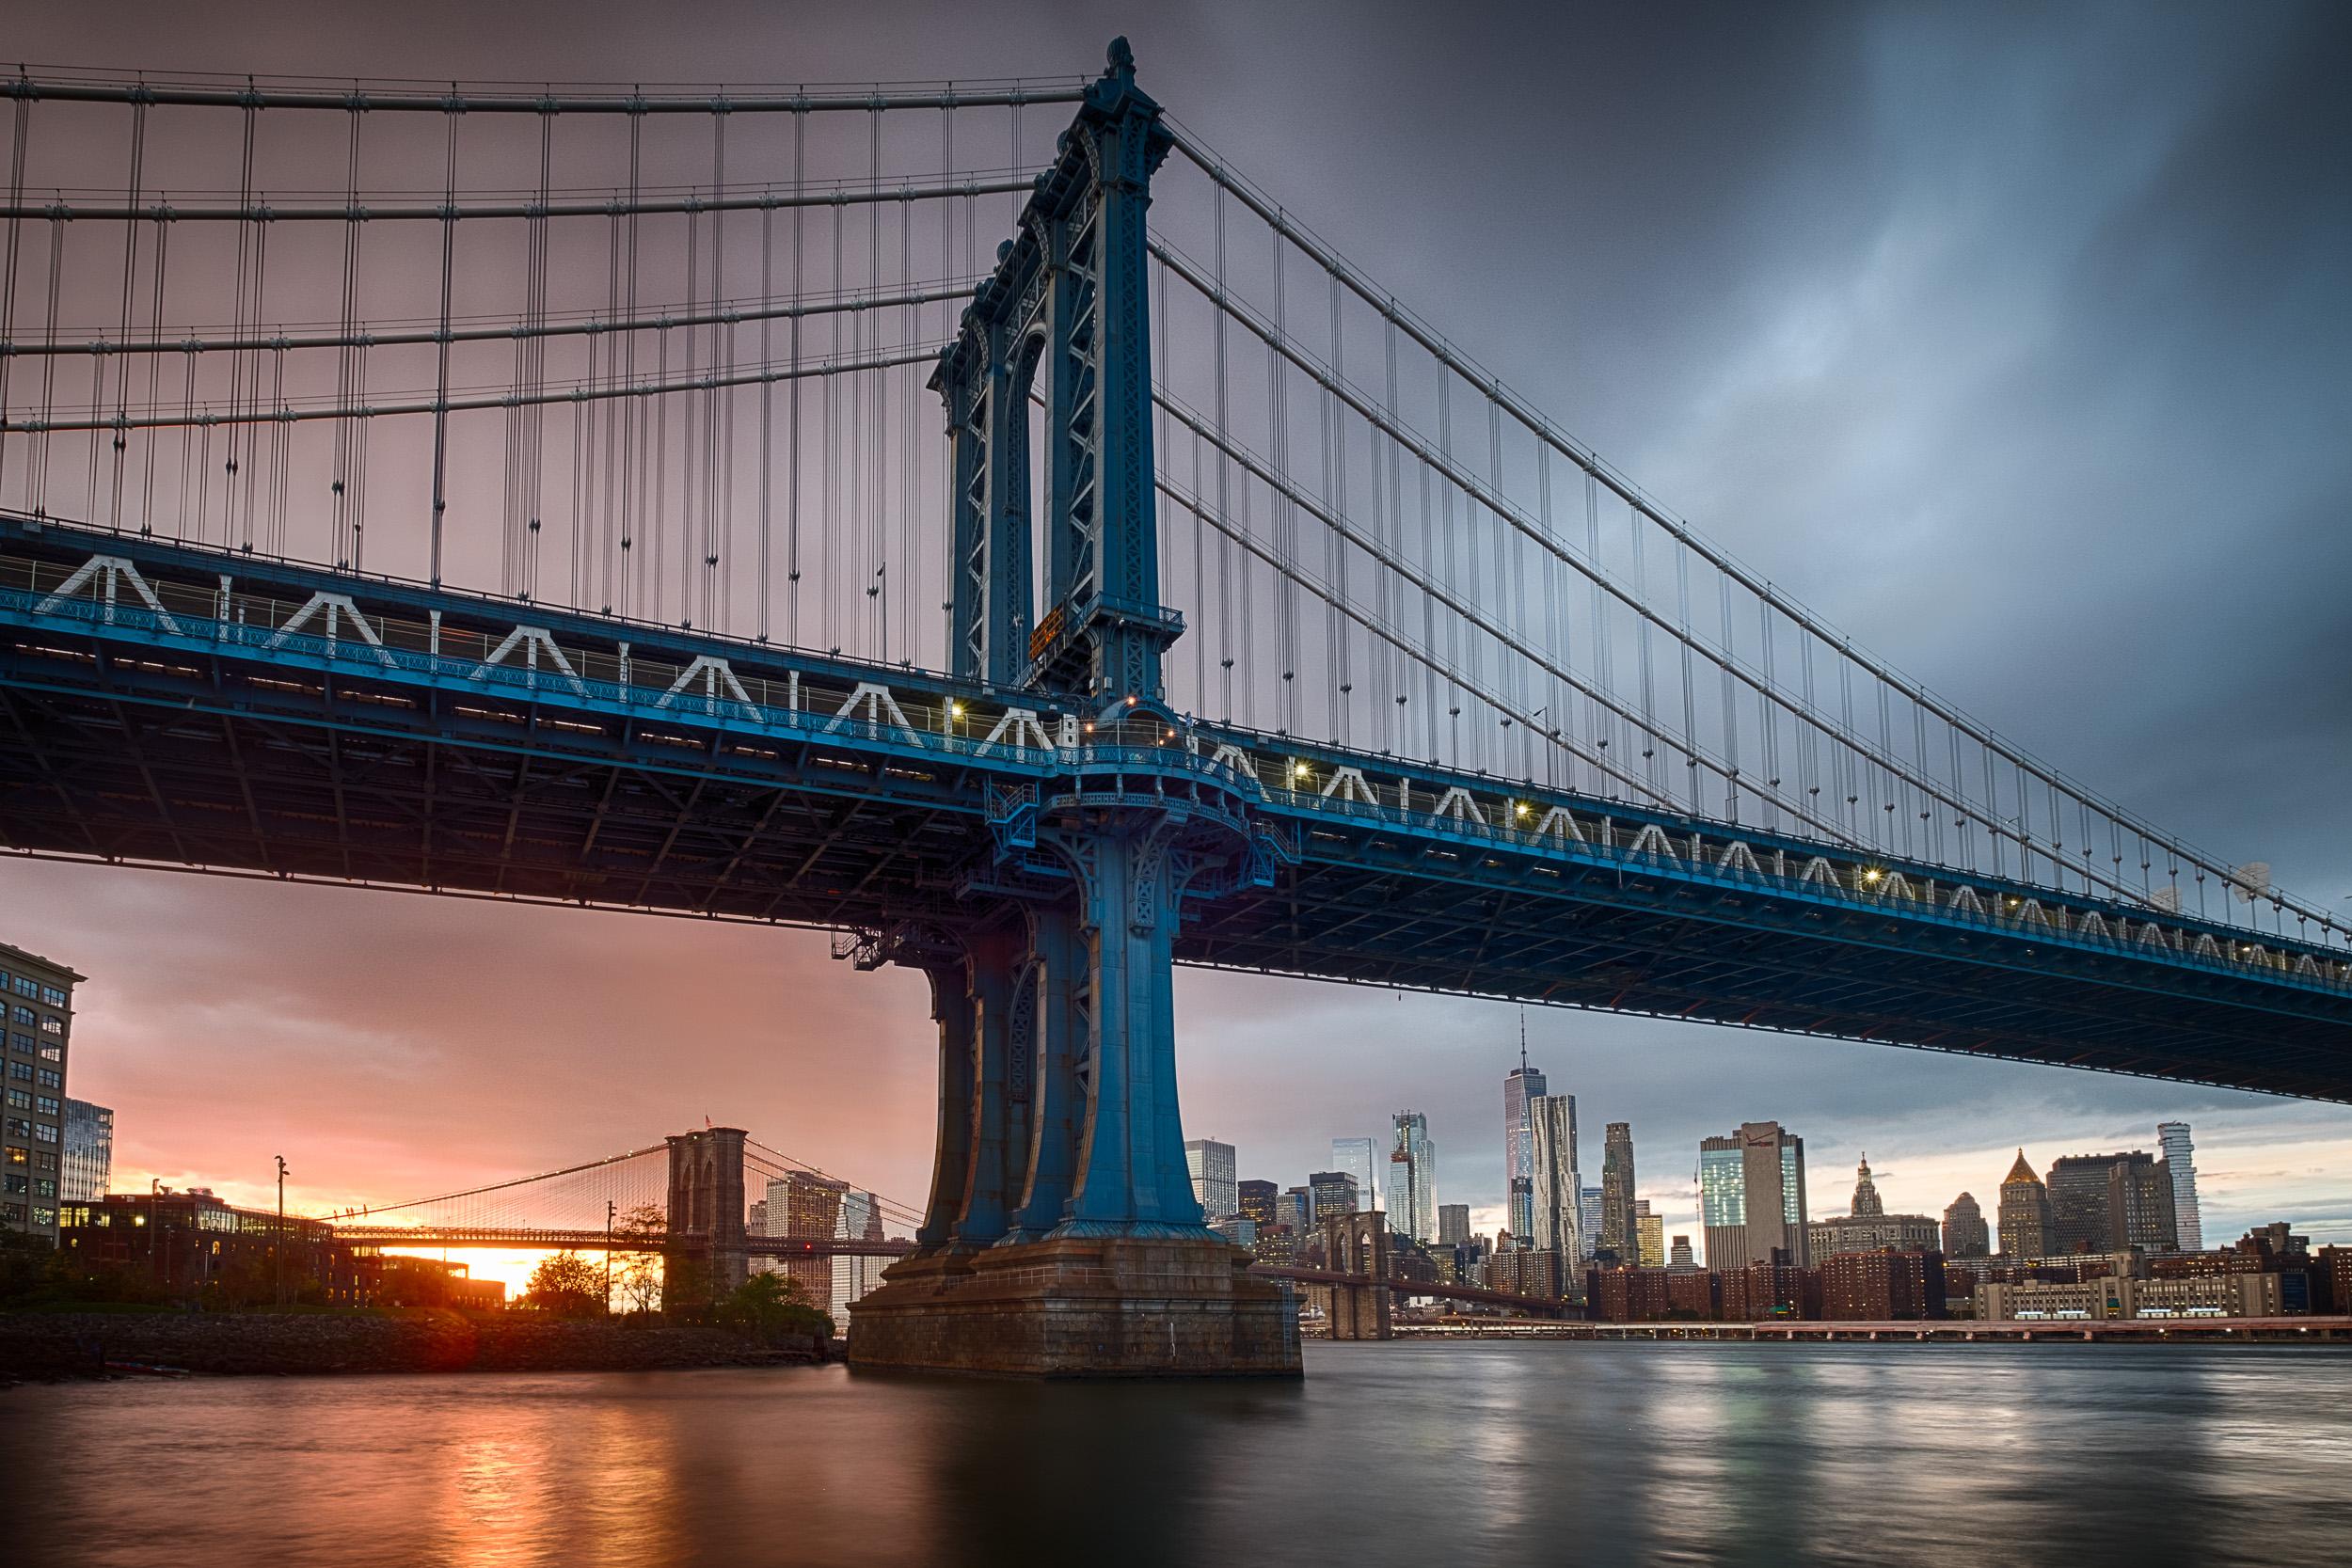 NYCbridge_web-1.jpg